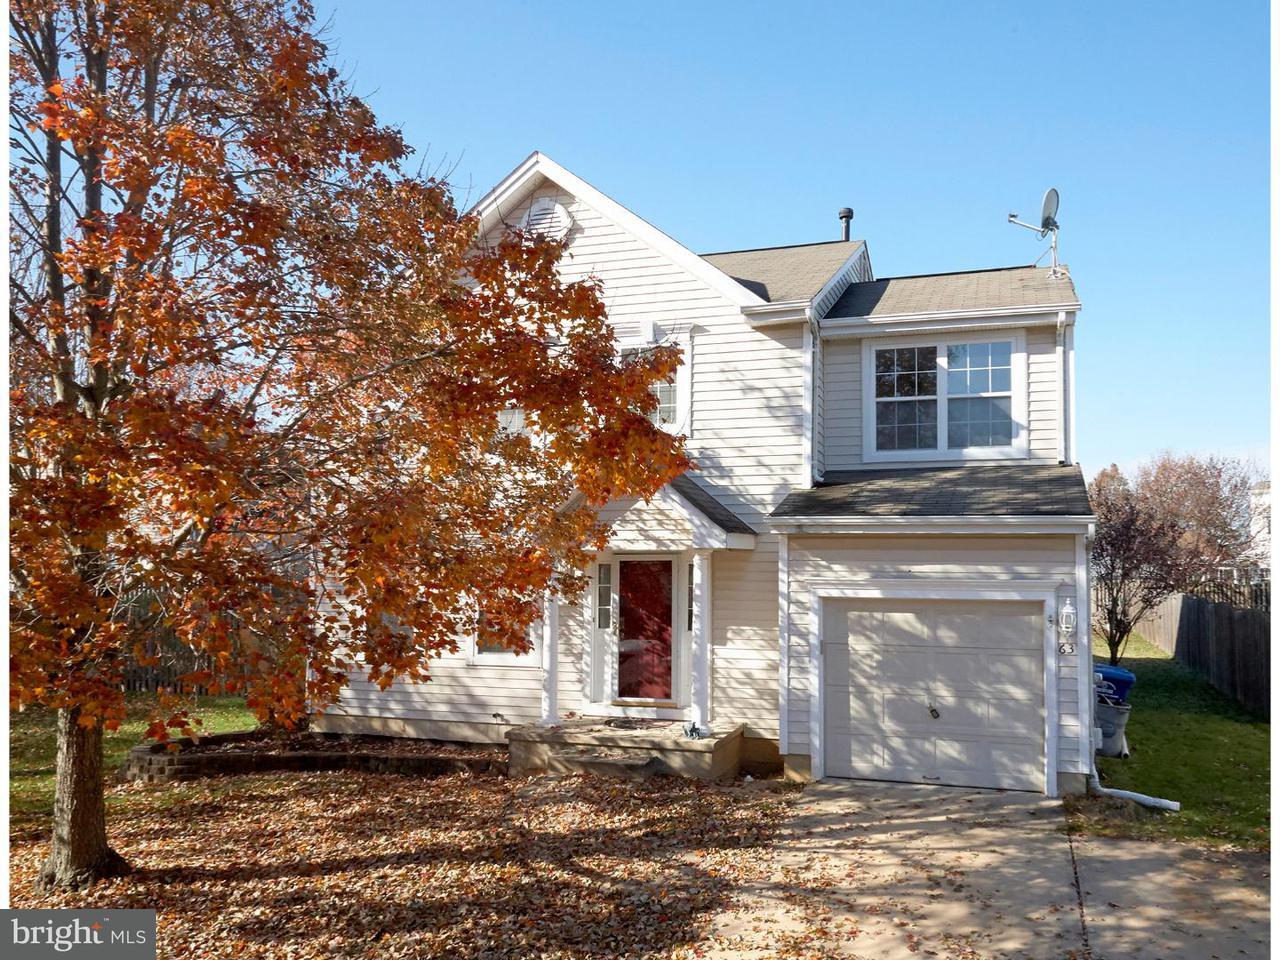 Частный односемейный дом для того Продажа на 63 BENTWOOD Drive Westampton, Нью-Джерси 08060 Соединенные Штаты